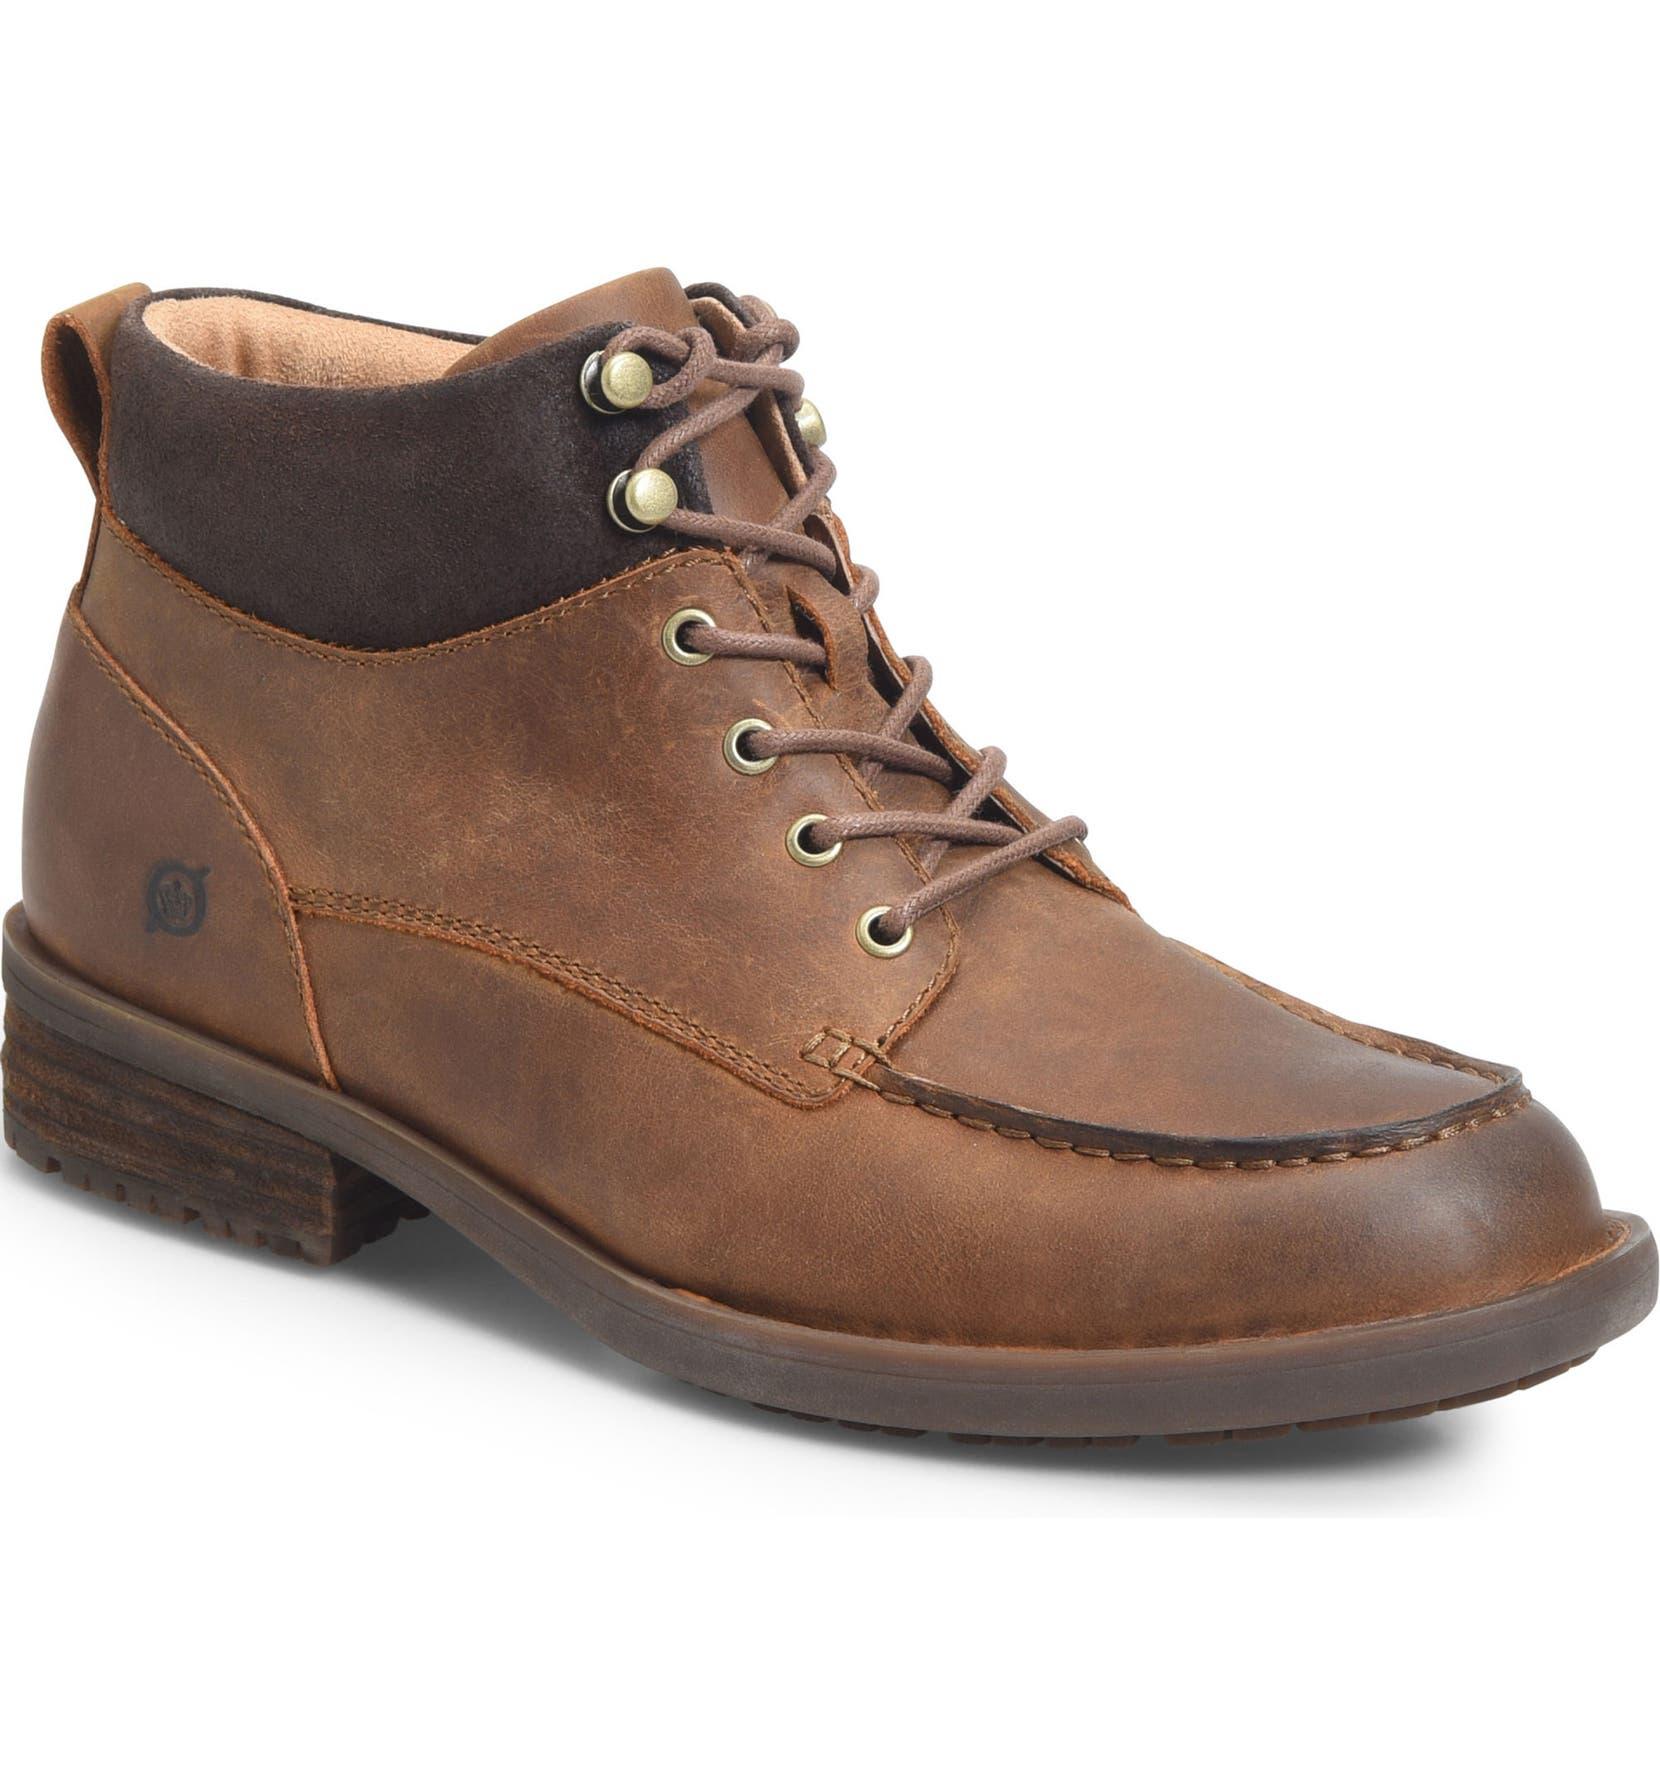 c8a4a1c9129 Hunter Moc Toe Hiking Boot